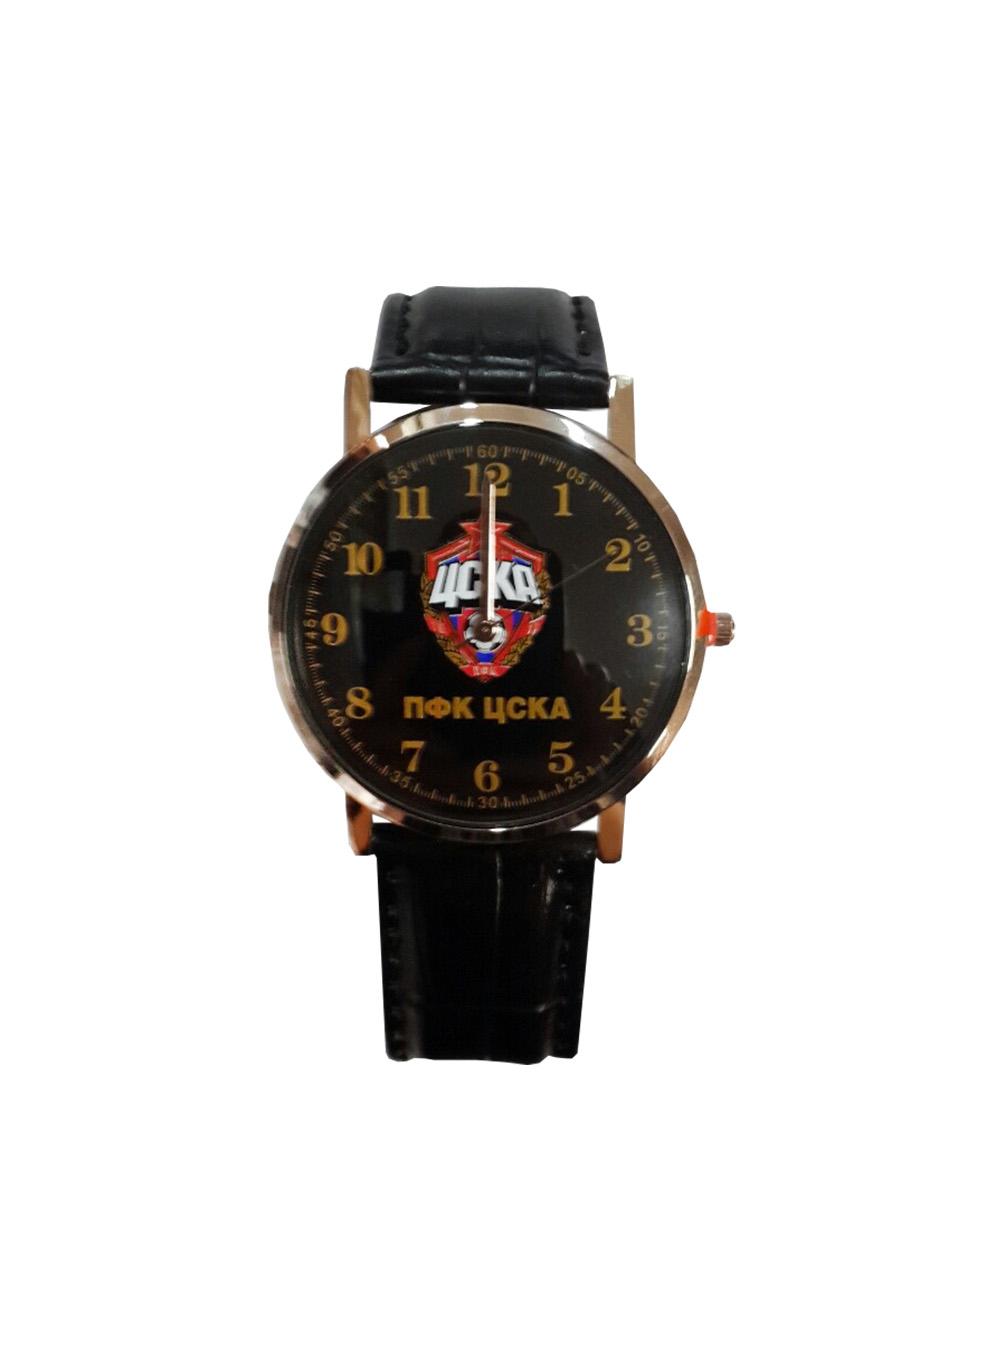 Часы наручные 38мм с эмблемой ПФК ЦСКА, цвет черный. ЧЗ